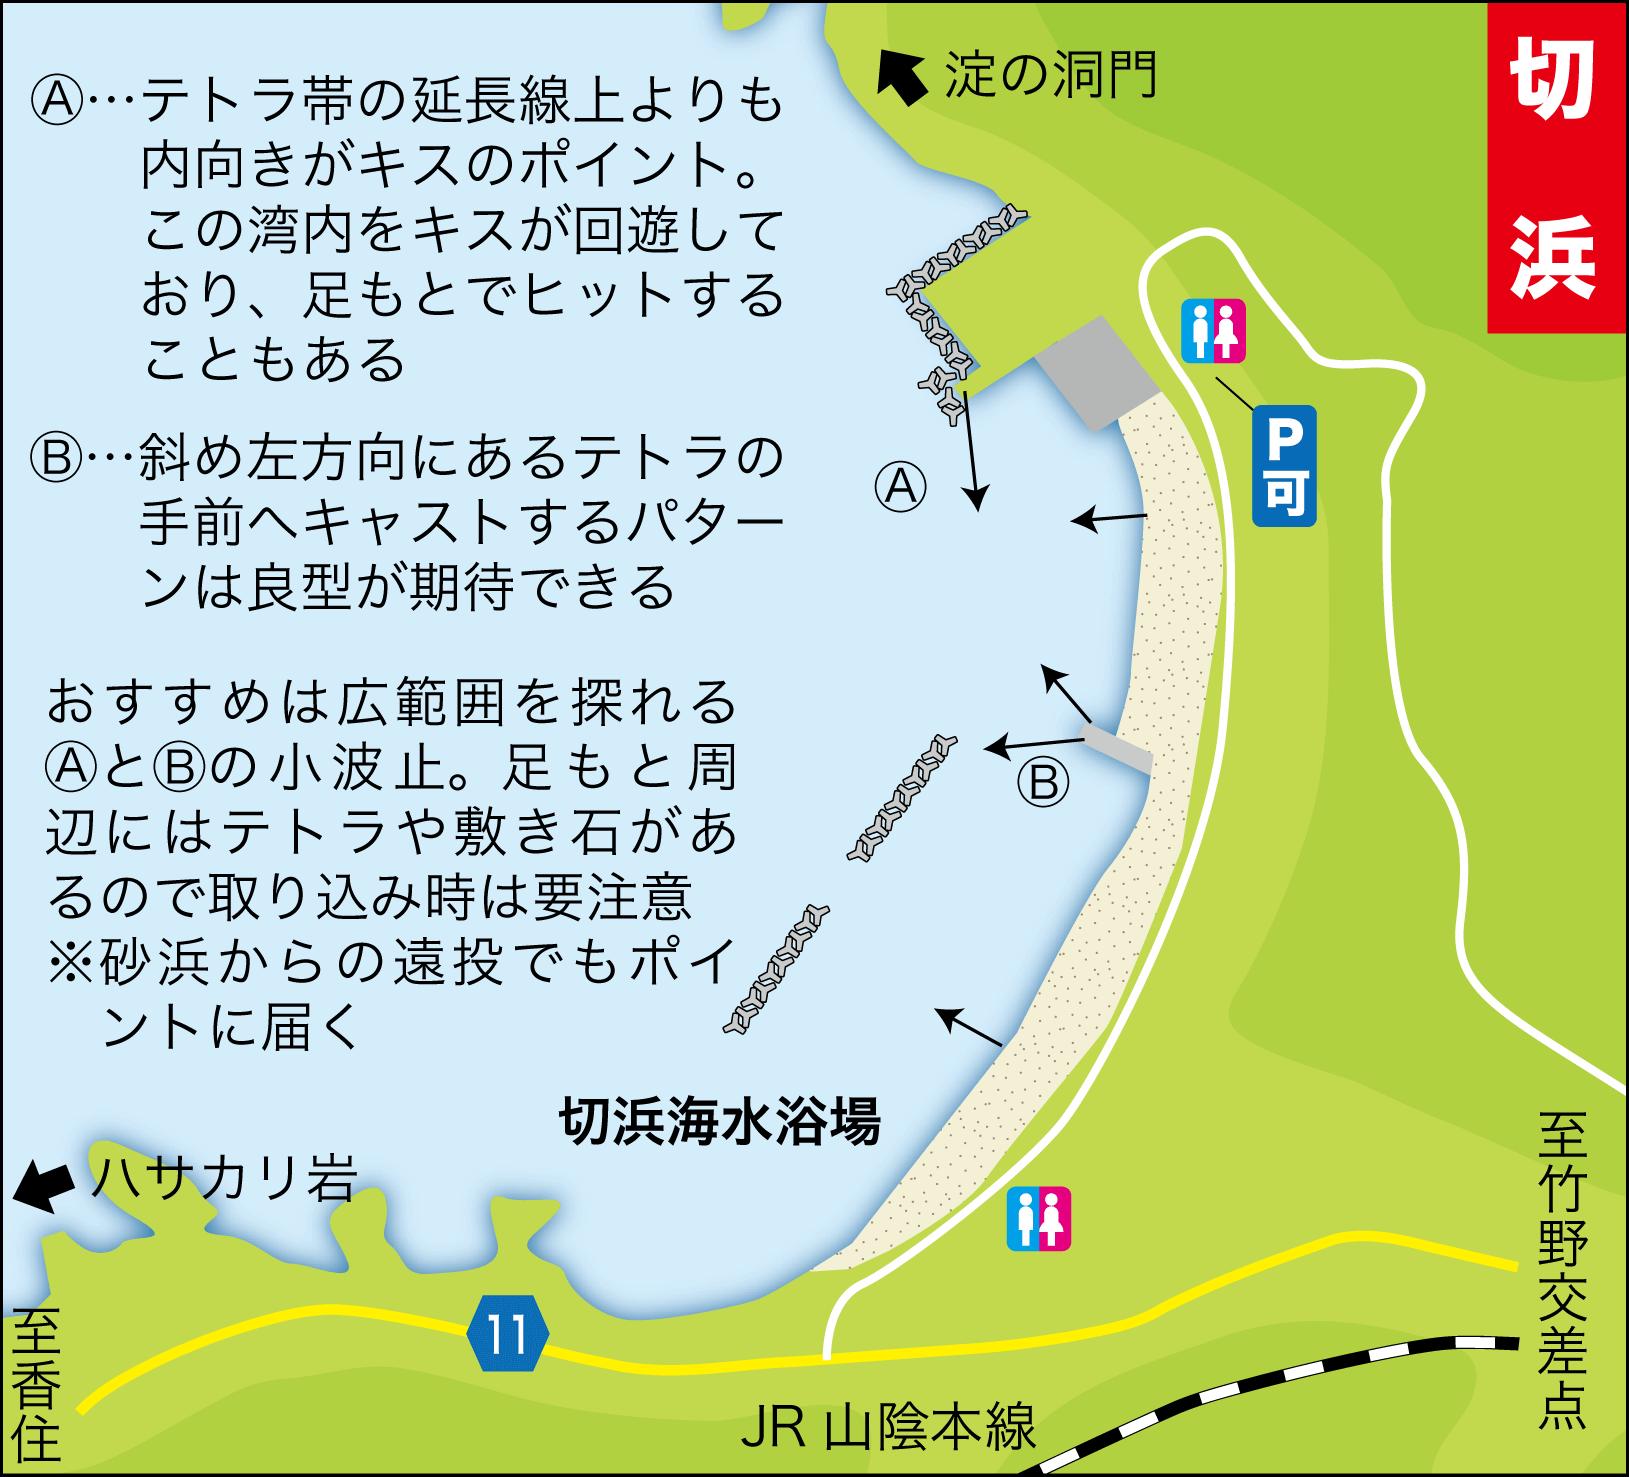 プチ遠征1但馬切浜5